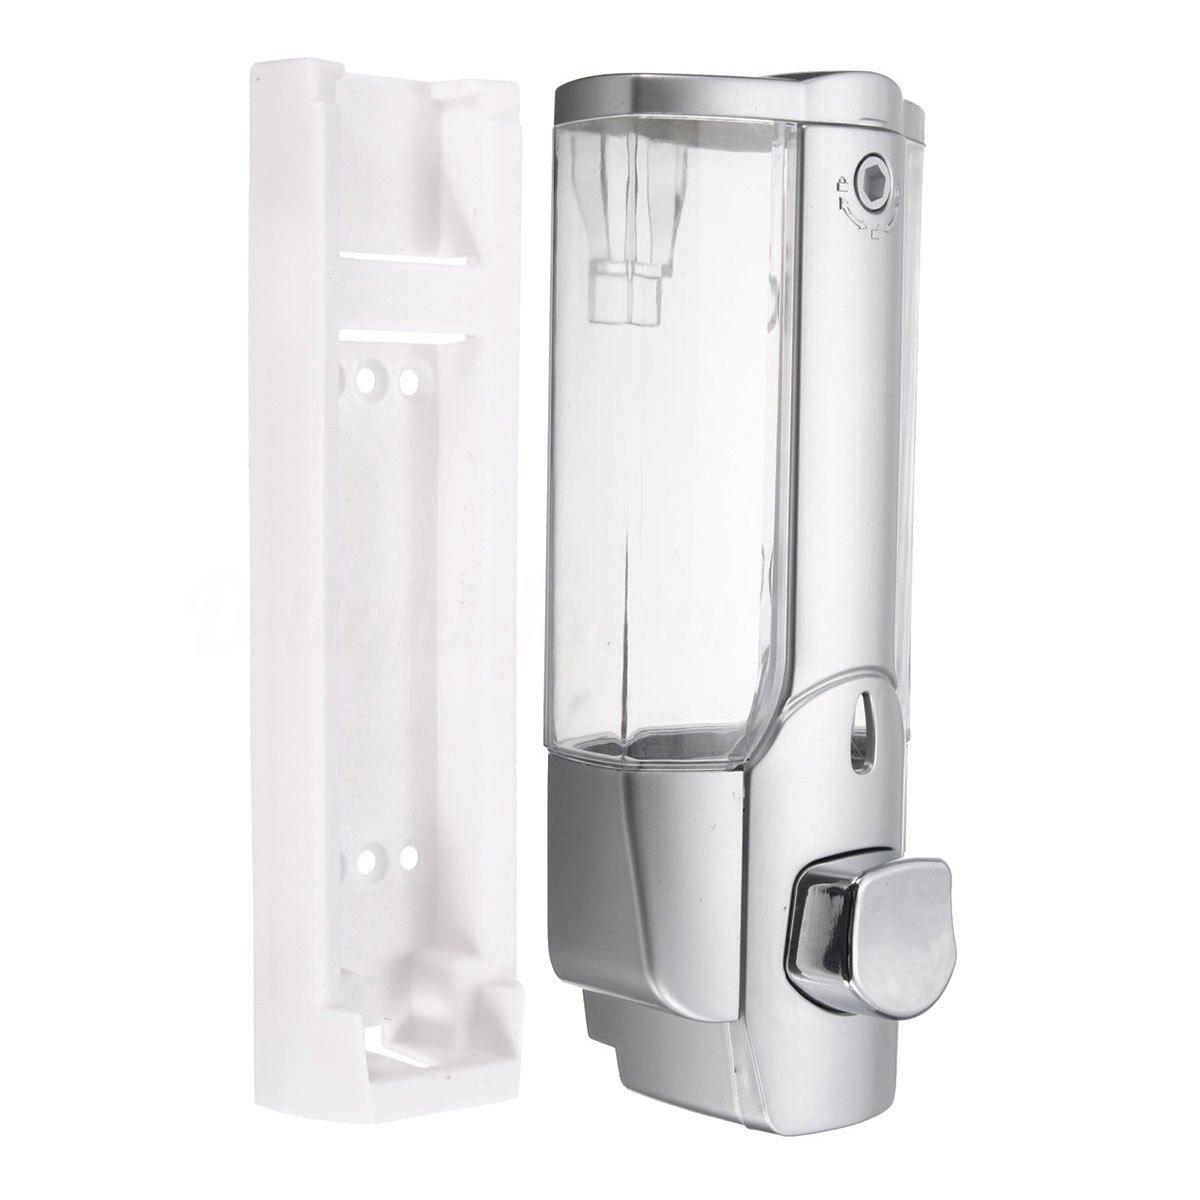 TOOGOO Pompa per lozione liquida per doccia con bagno disinfettante per doccia e sapone (argento)